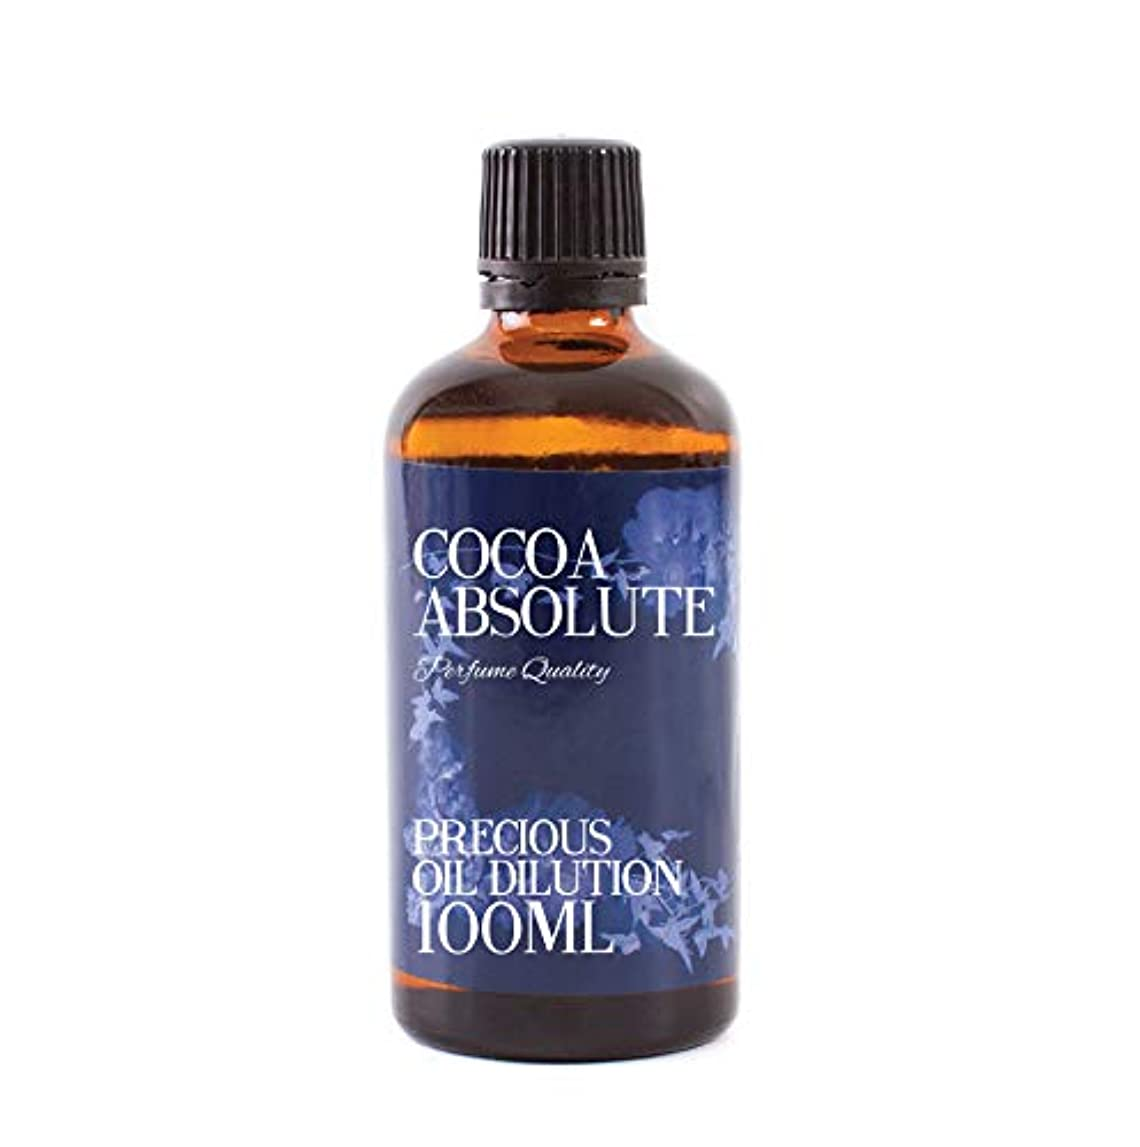 執着スキーム添加剤Cocoa PQ Absolute Oil Dilution - 100ml